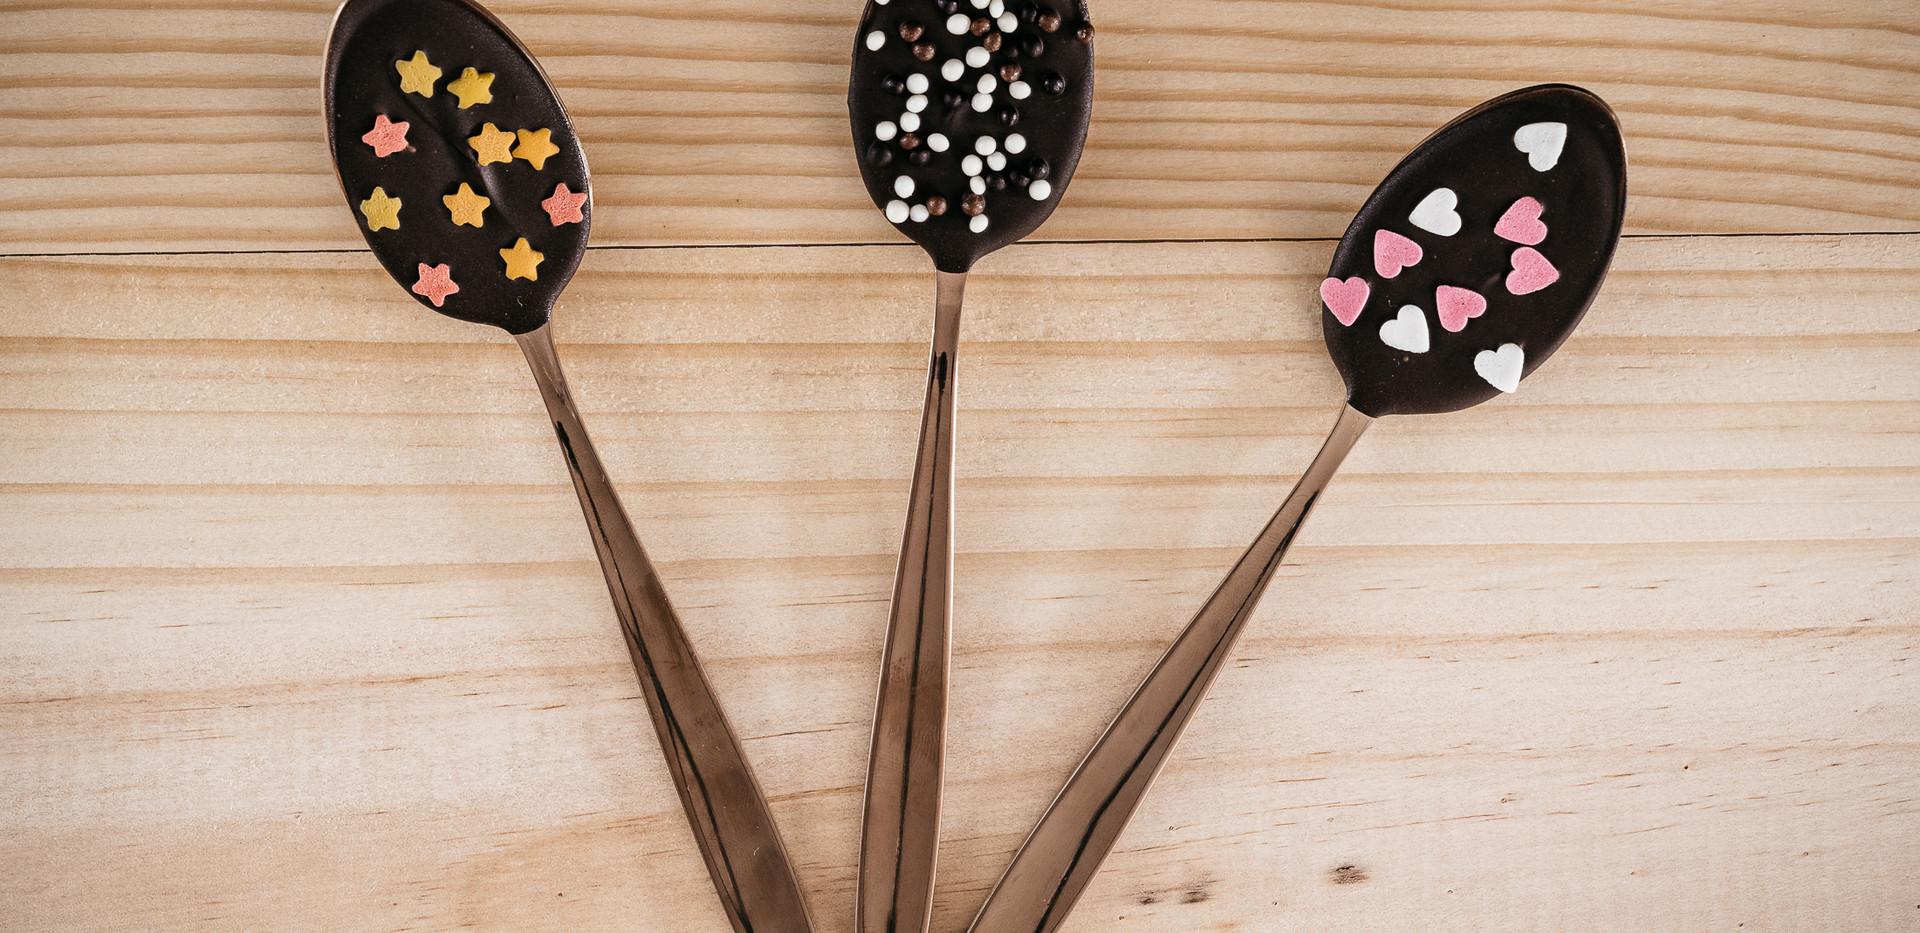 Cuillères pour chocolat chaud - Photo ©Ludozme